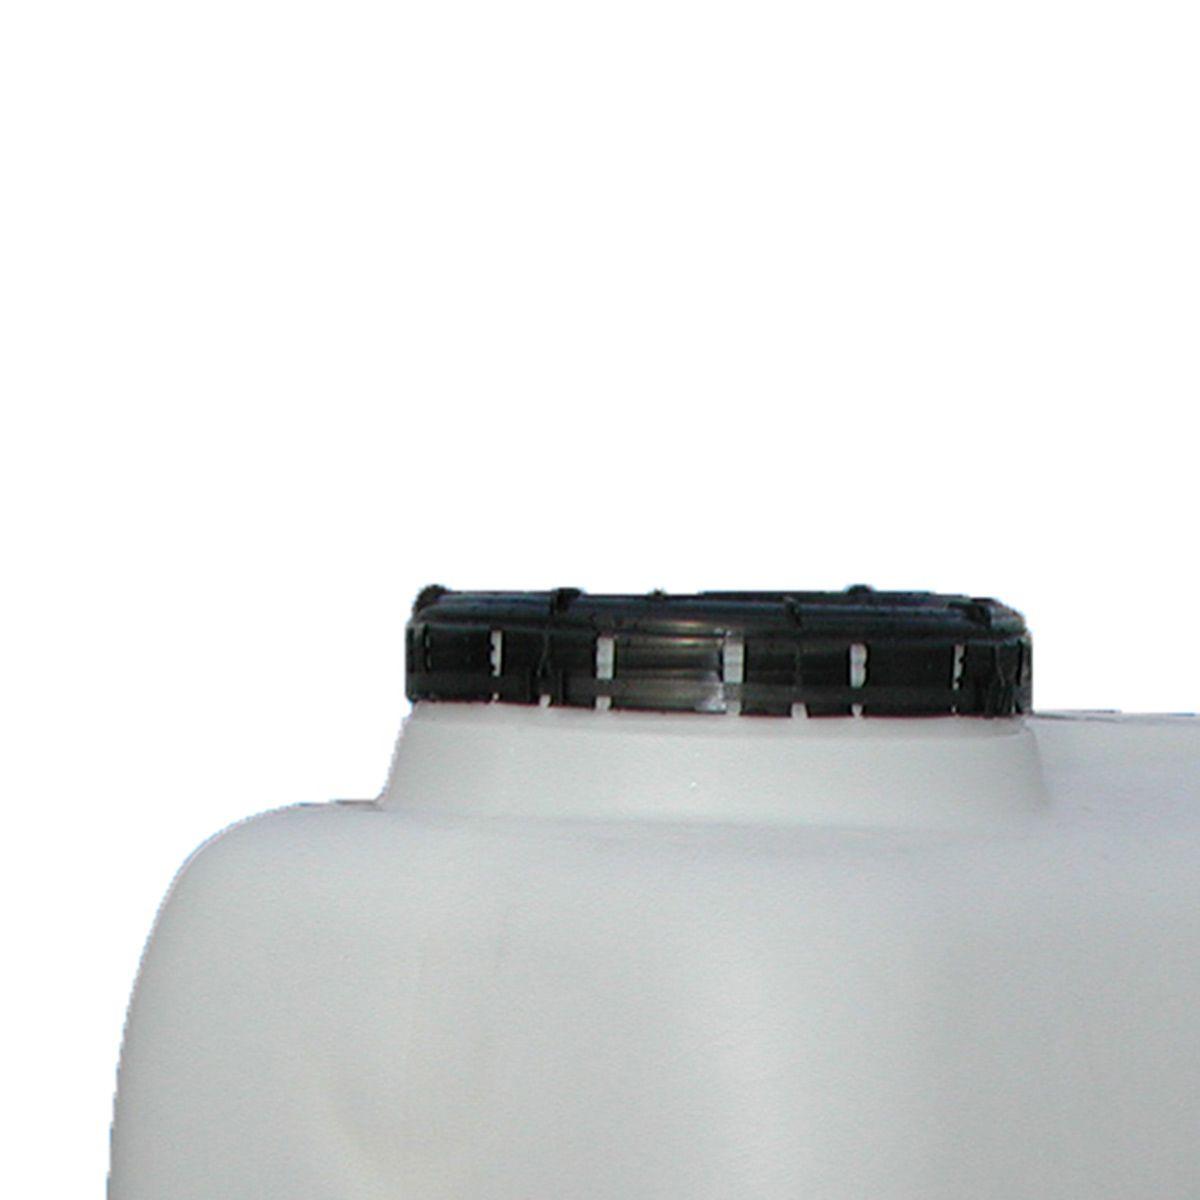 Mannlochdom angeschweisst, zu PEDF-5000, mit Mannlochdeckel, weiss, DN 400